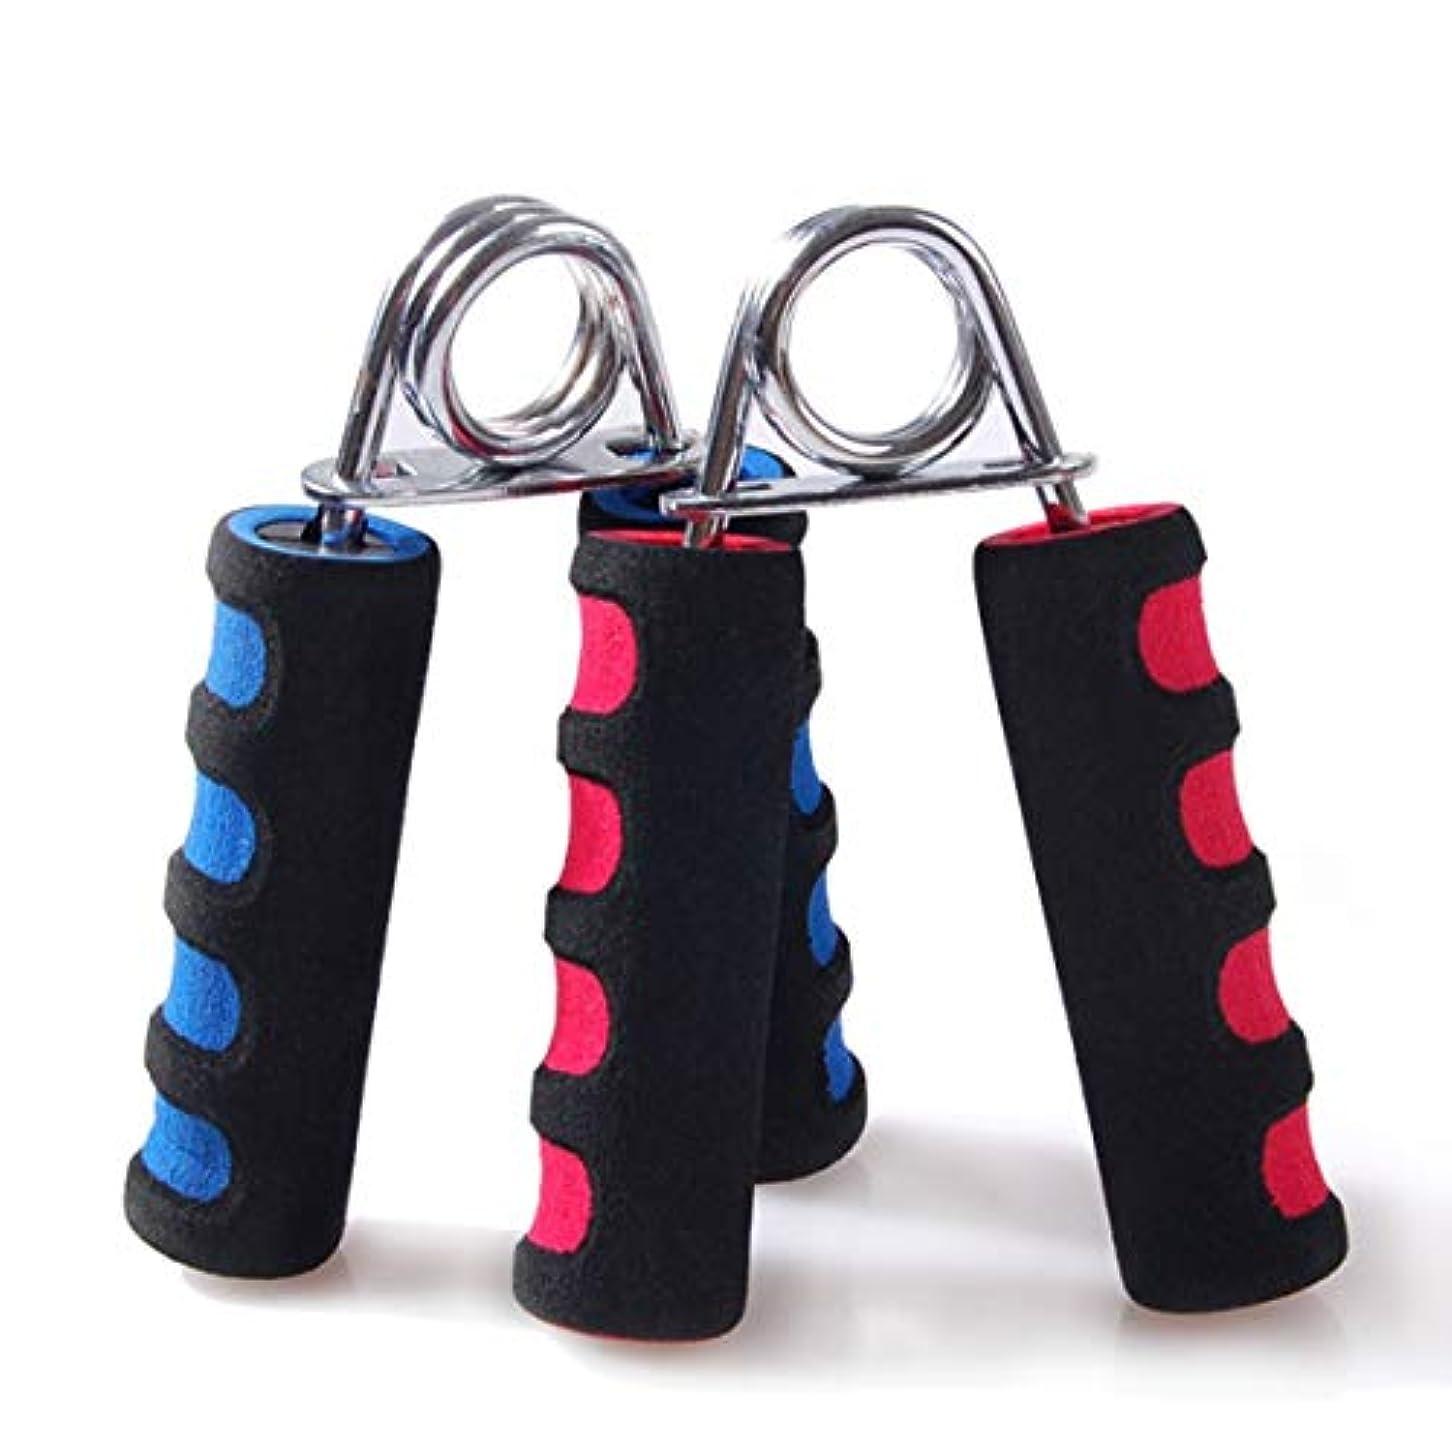 柔らかい増幅衣服ハンドグリッパーアーム手首エクササイザフィットネスグリップジムと毎日の運動のためのヘビーストレングストレーナー - カラーランダム